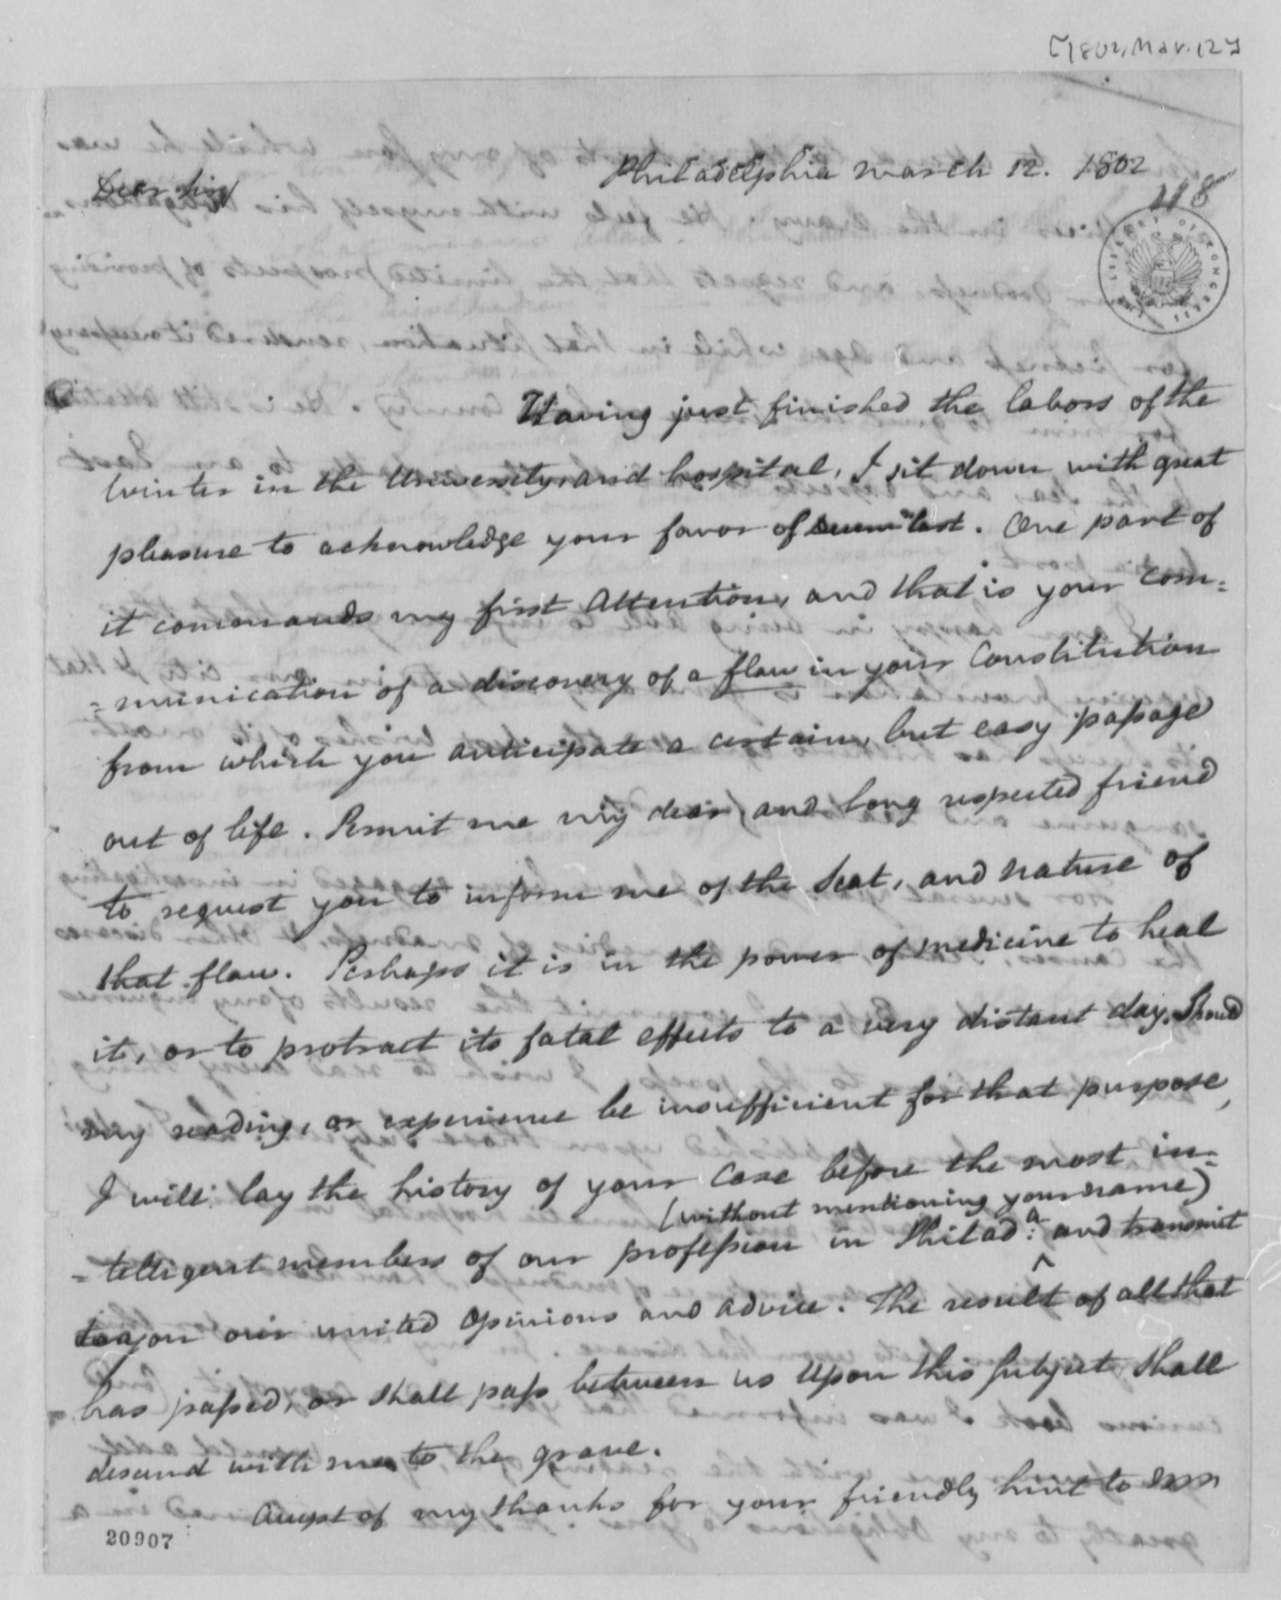 Benjamin Rush to Thomas Jefferson, March 12, 1802